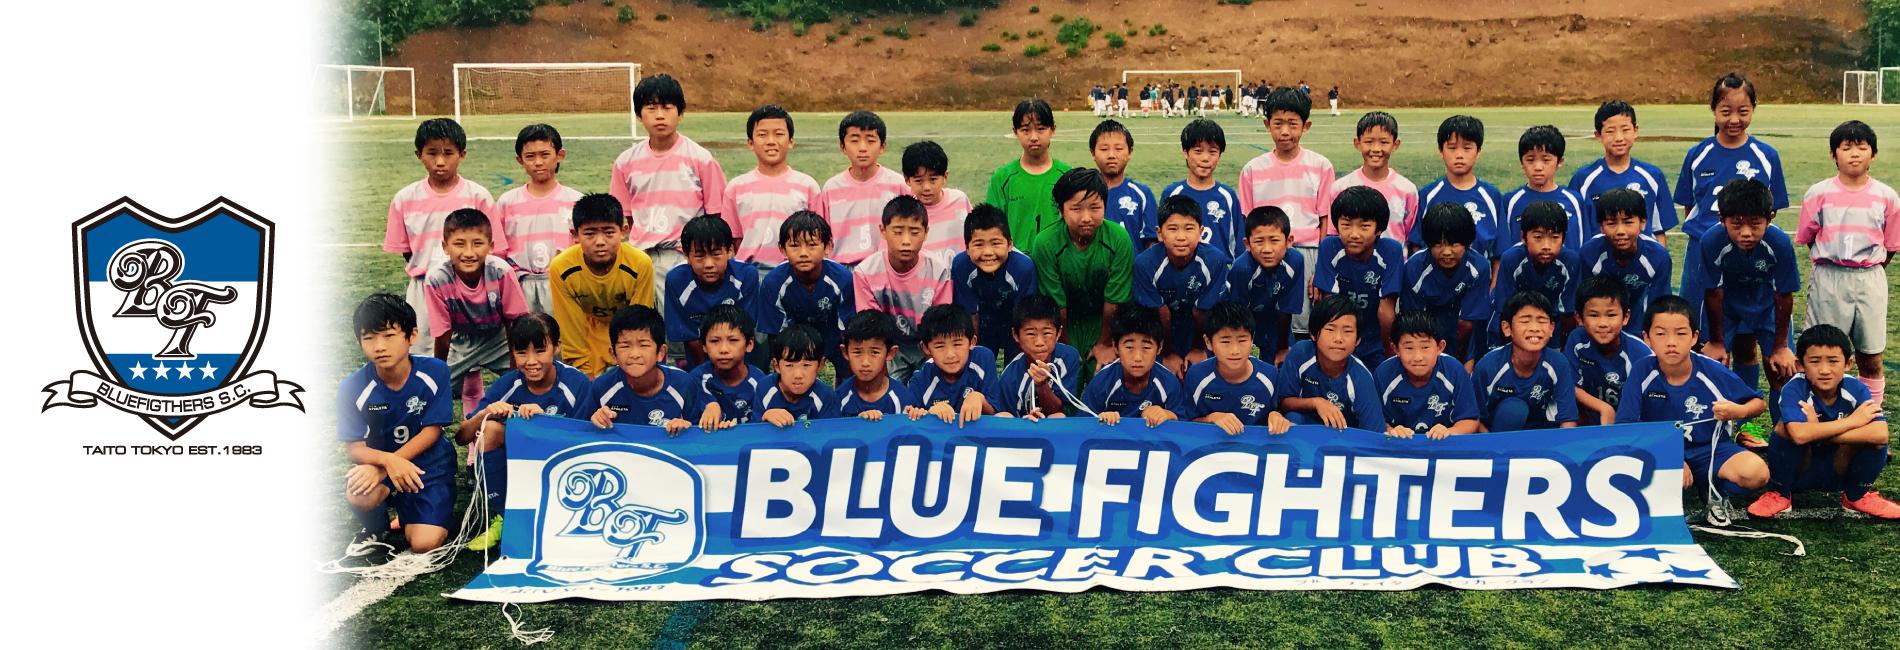 ブルーファイターズサッカークラブ